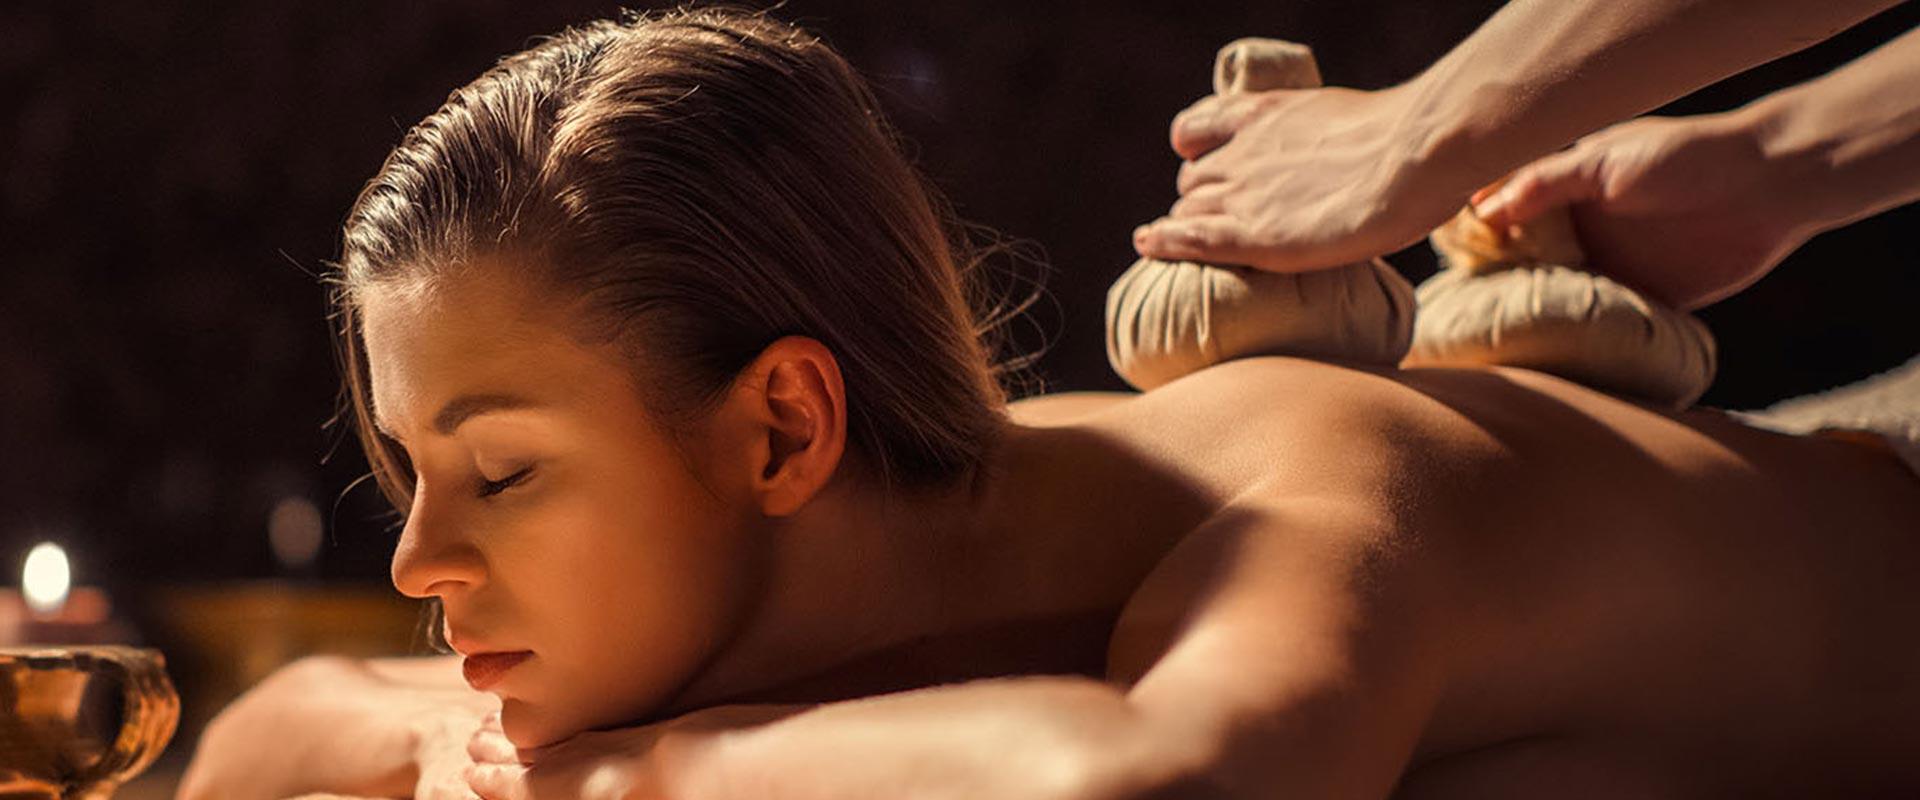 thai-massage-travjanye-meshochki